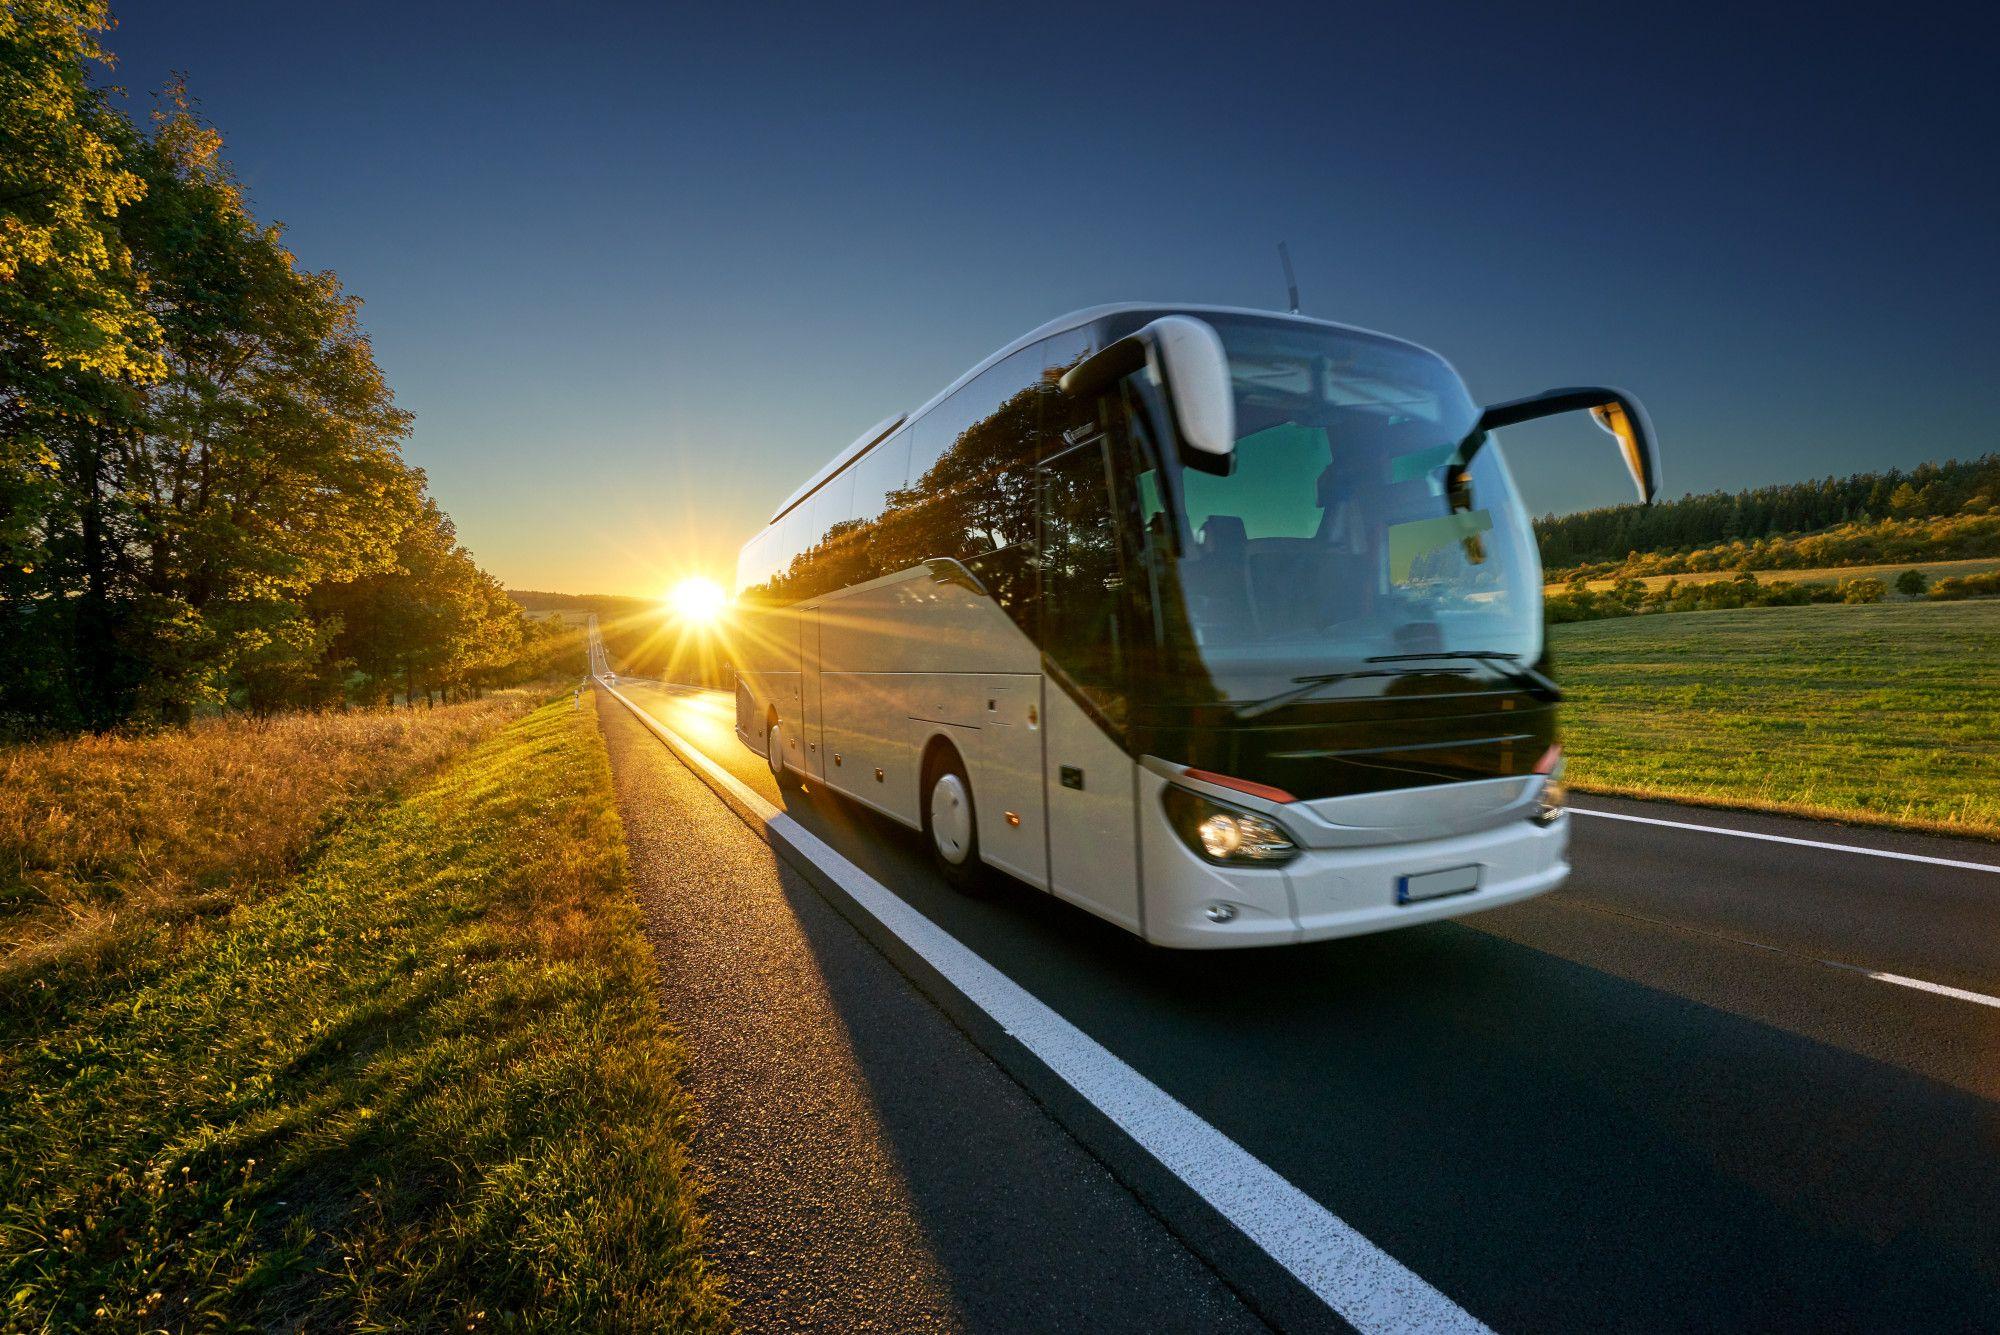 viajes-en-autocar 3111